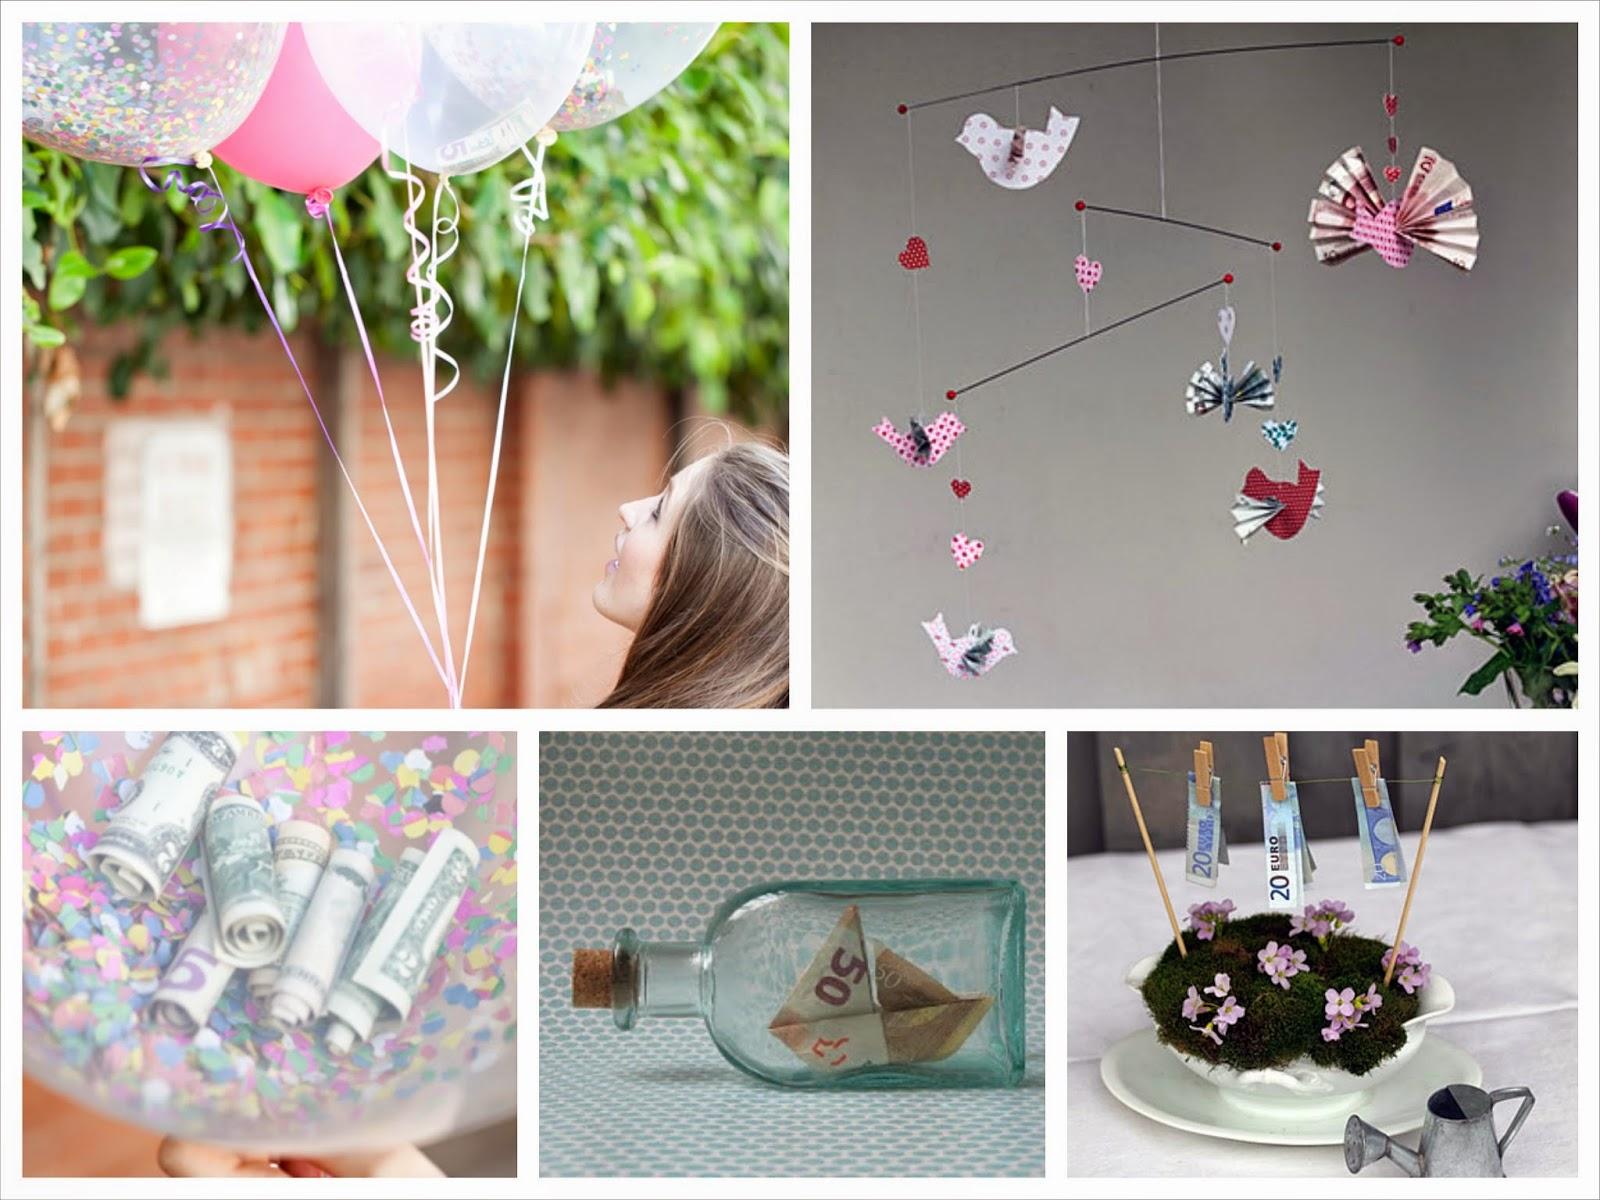 Blog de tu d a con amor invitaciones y detalles de boda - Ideas para un regalo original ...